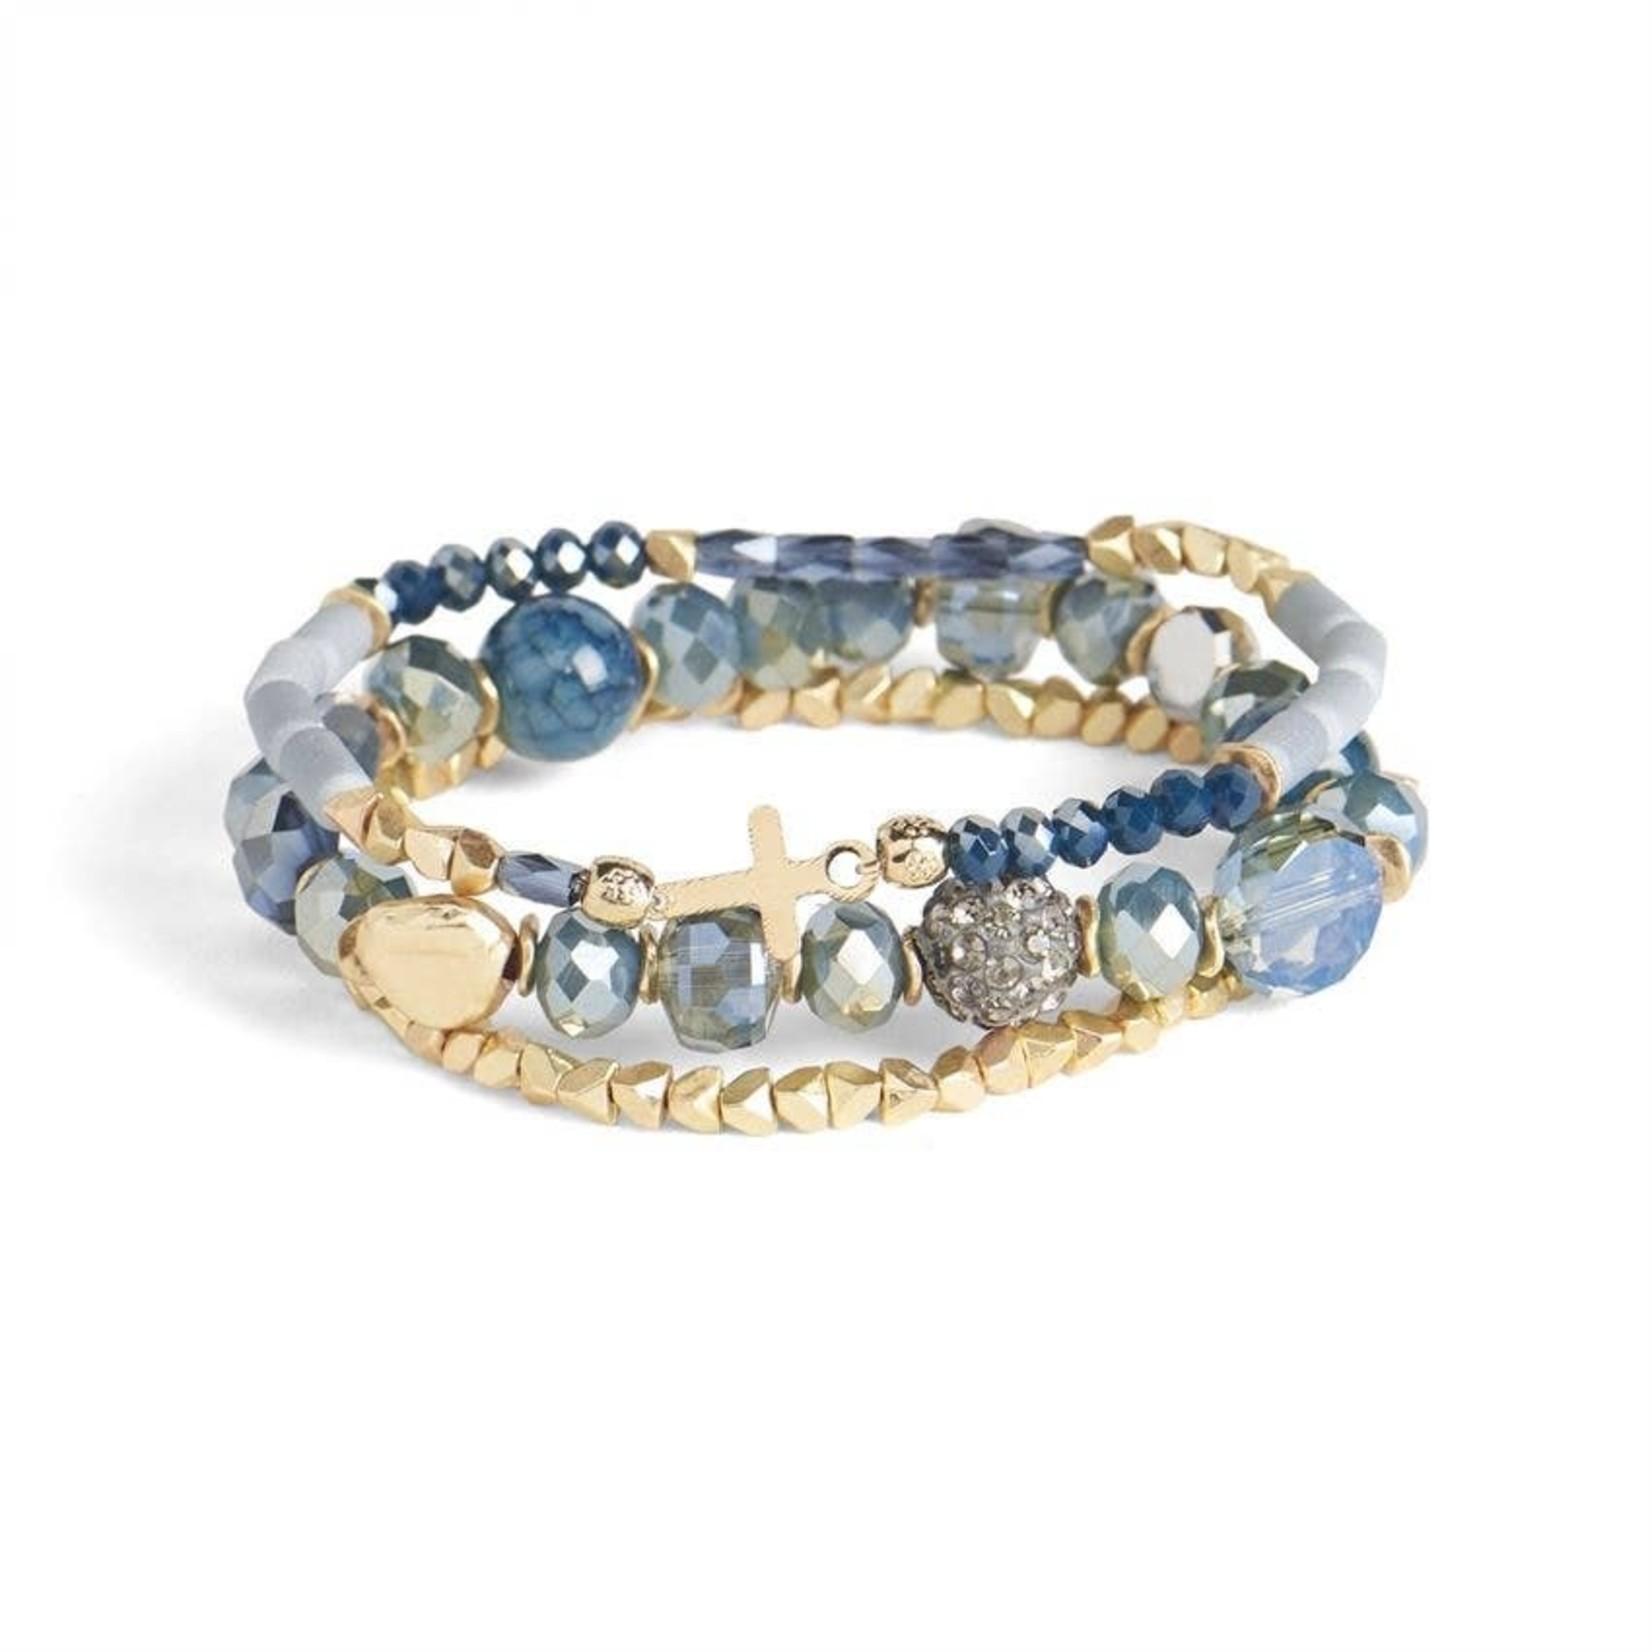 Coco+Carmen Accessories: Have Faith Stretch Bracelet